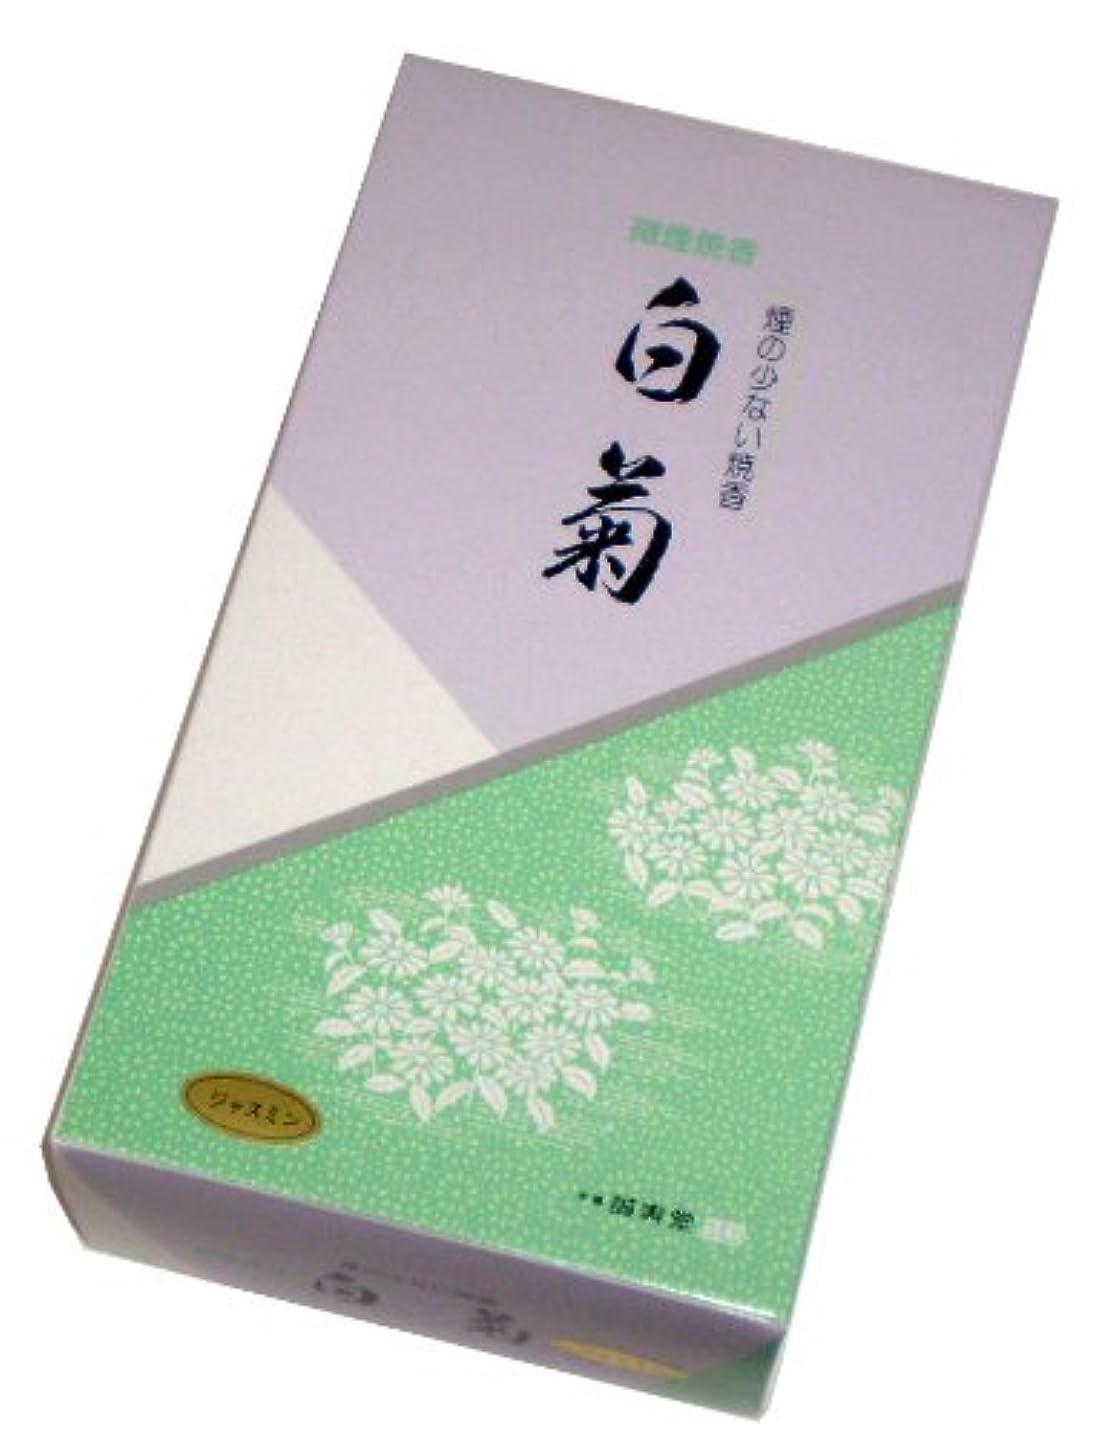 回転と冬誠寿堂のお線香 微煙焼香 白菊(ジャスミン)500g #FJ21